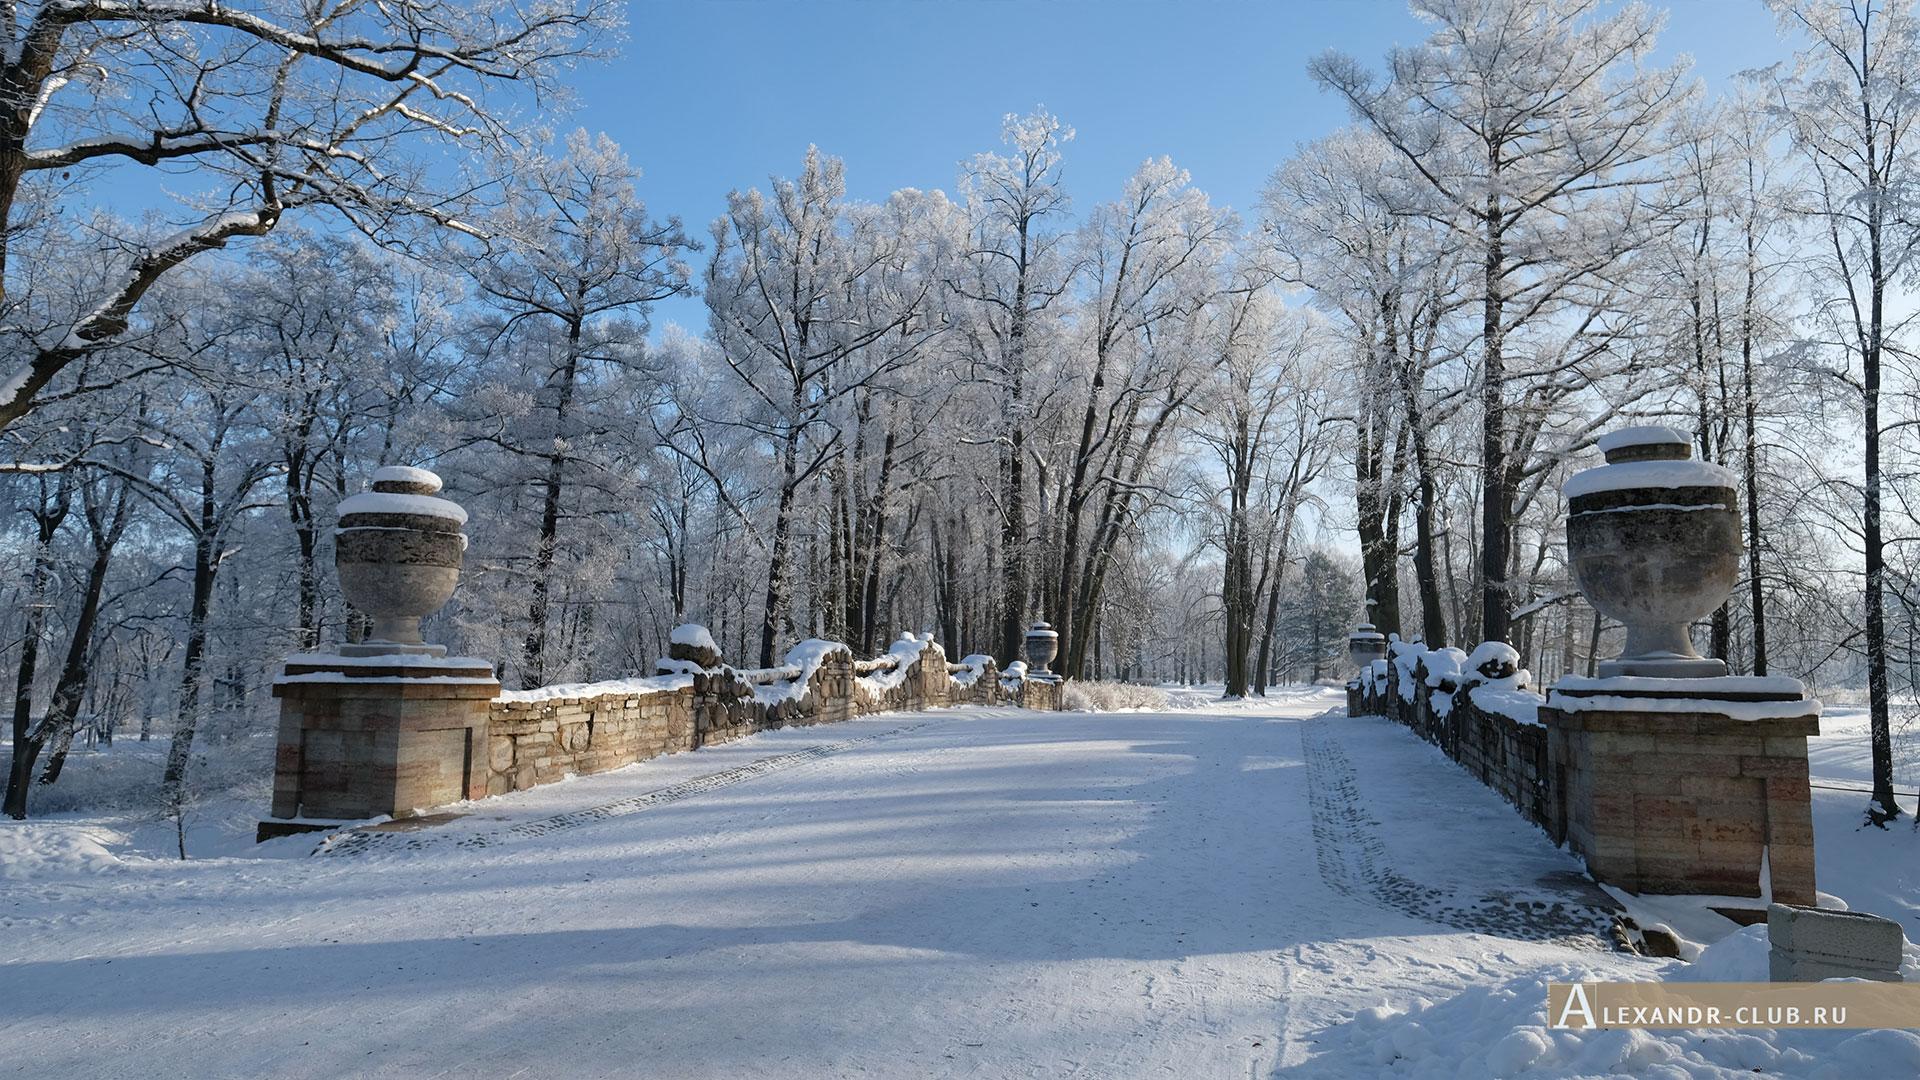 Петергоф, зима, парк «Александрия», Руинный мост